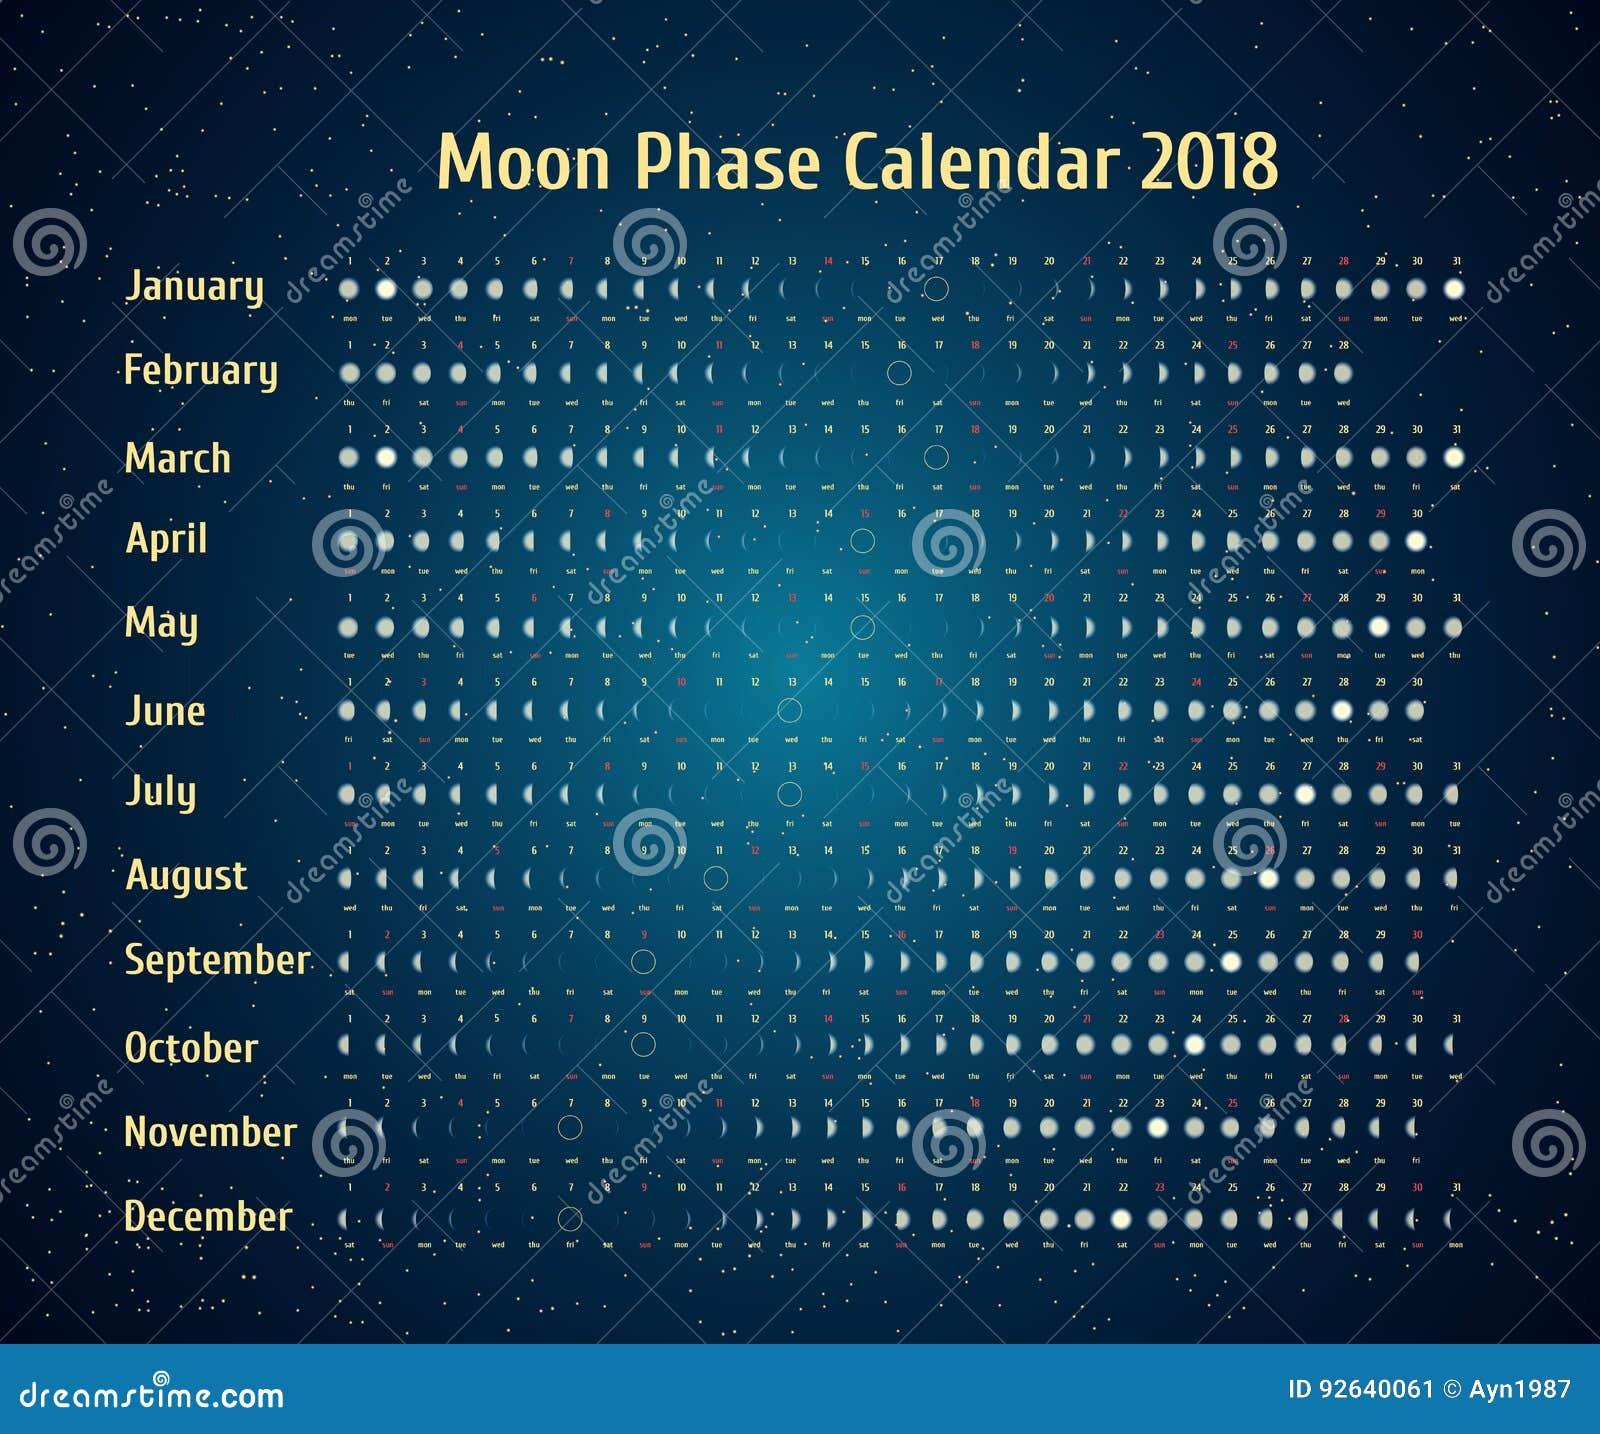 Calendario astrologico di vettore per 2018 Moon il calendario di fase nel cielo stellato di notte Calendario lunare creativo con